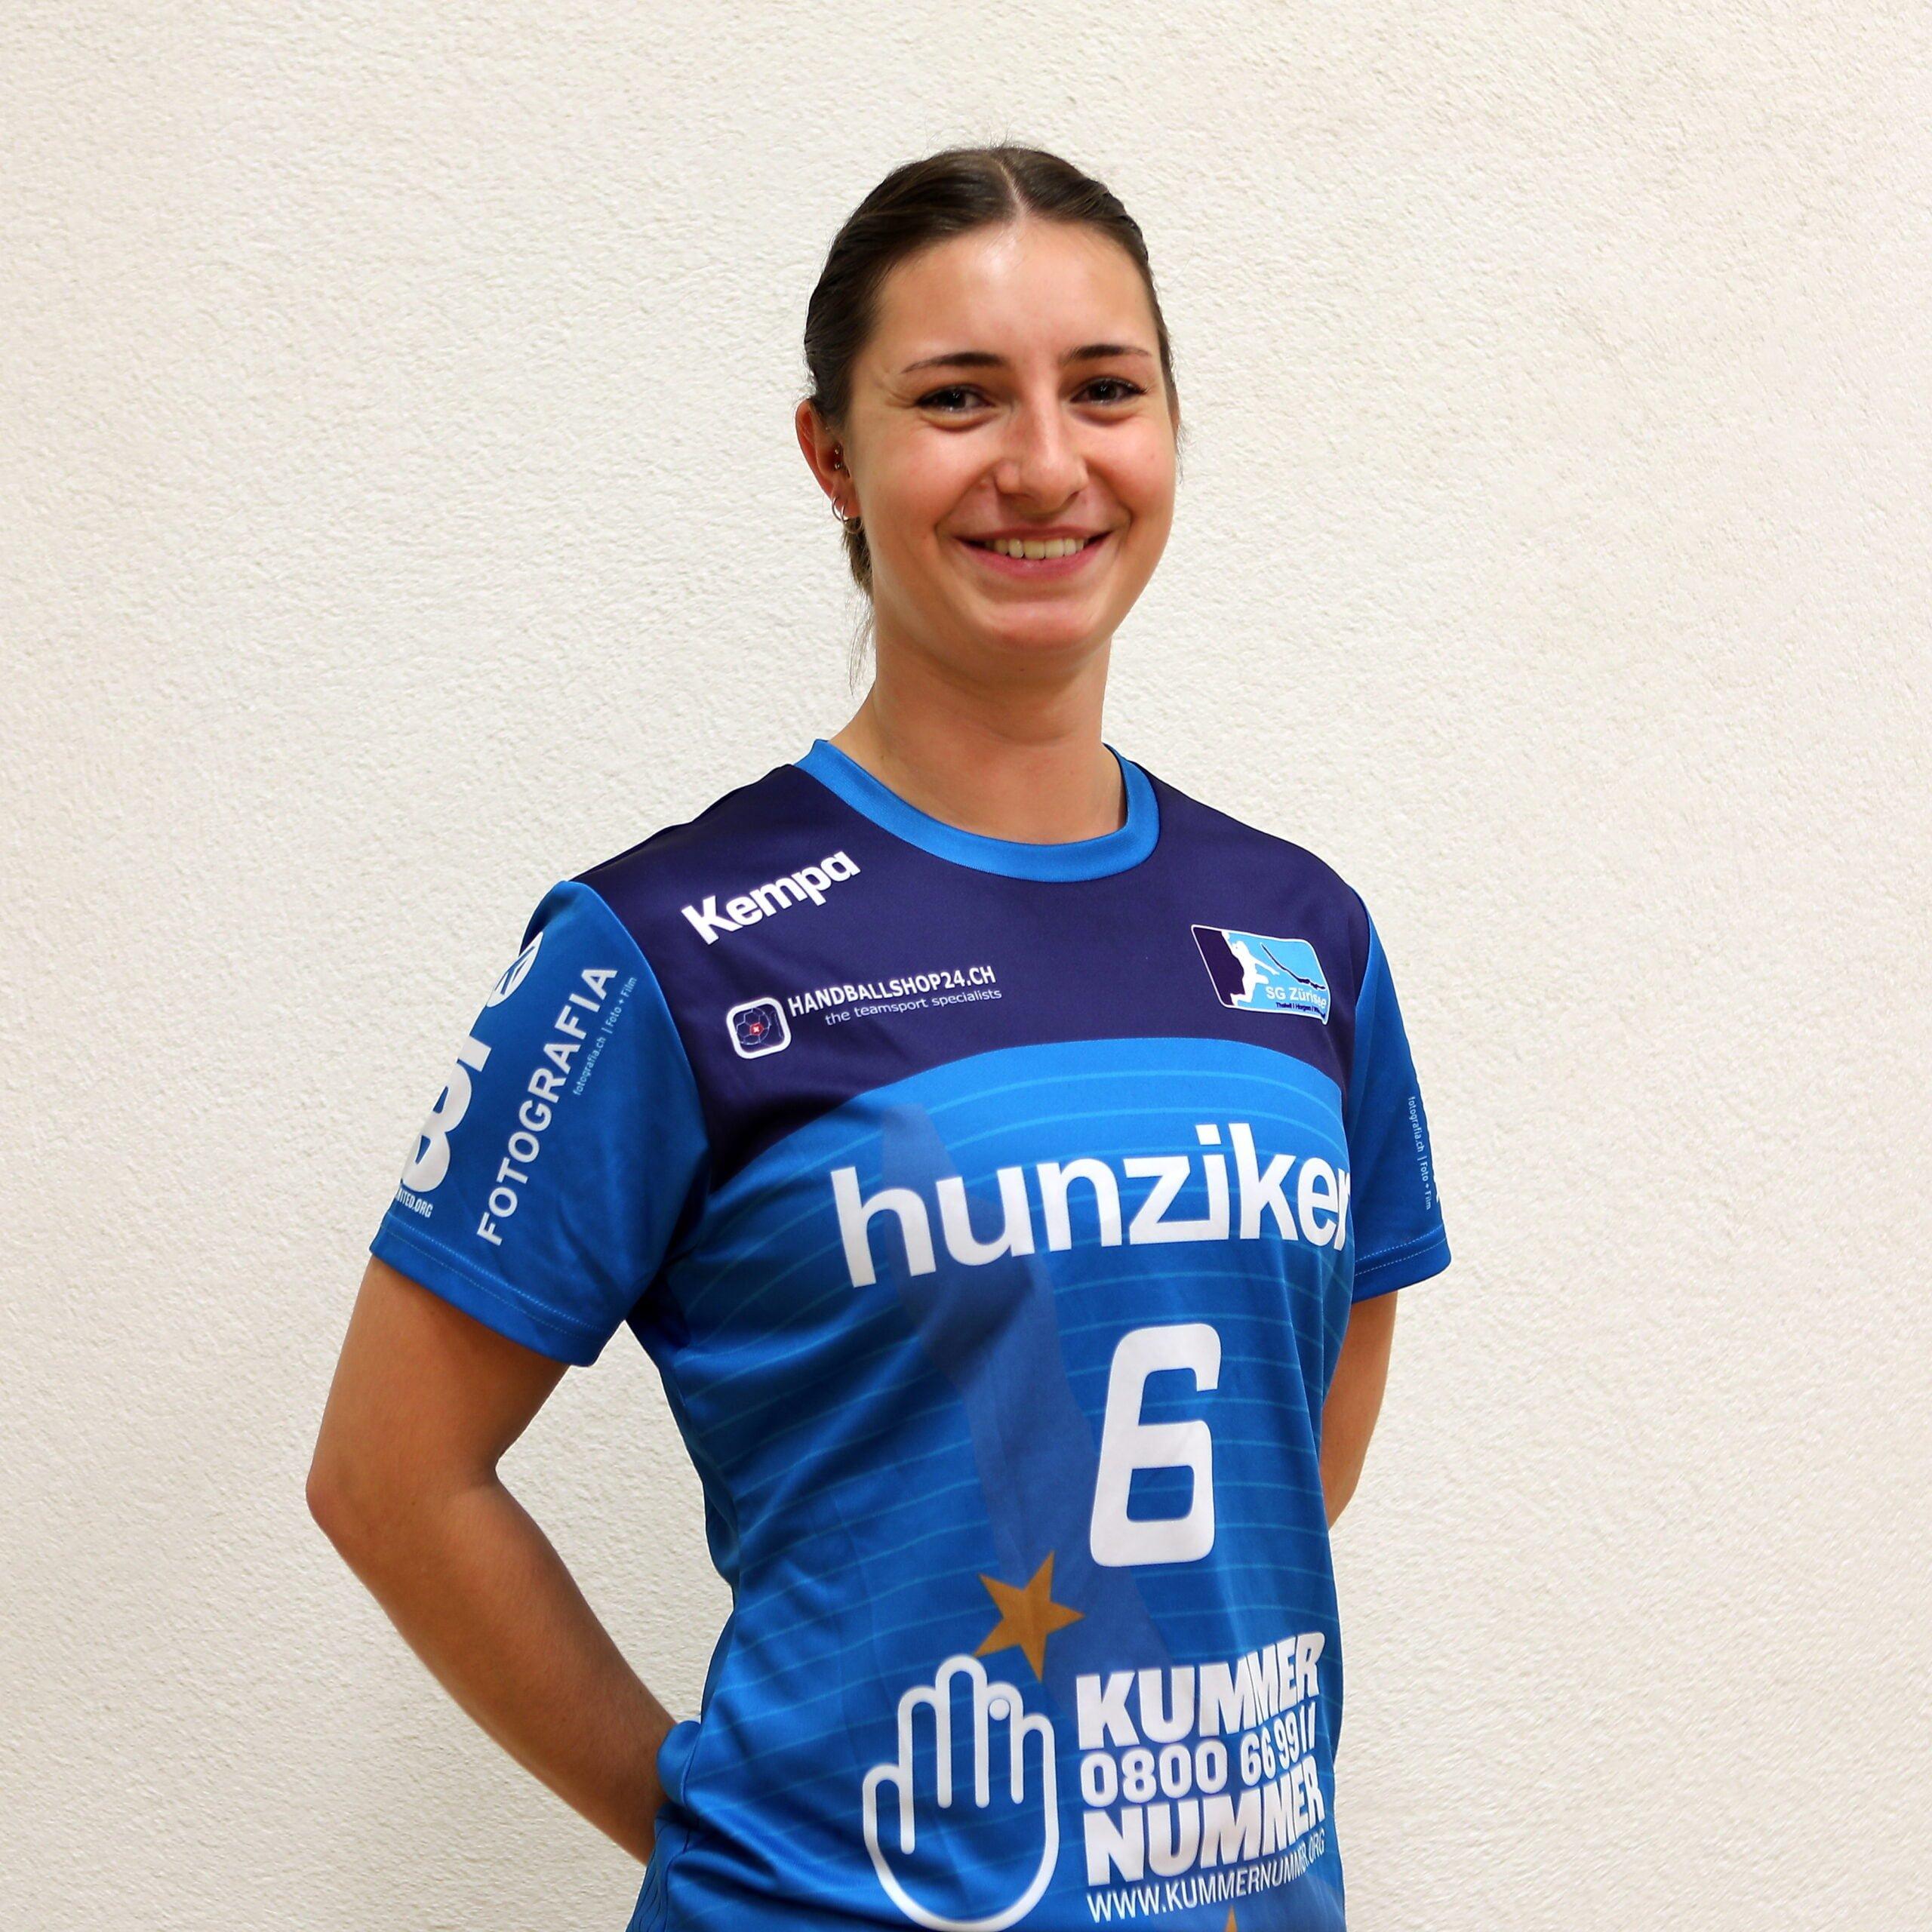 Camilla Schollenberger